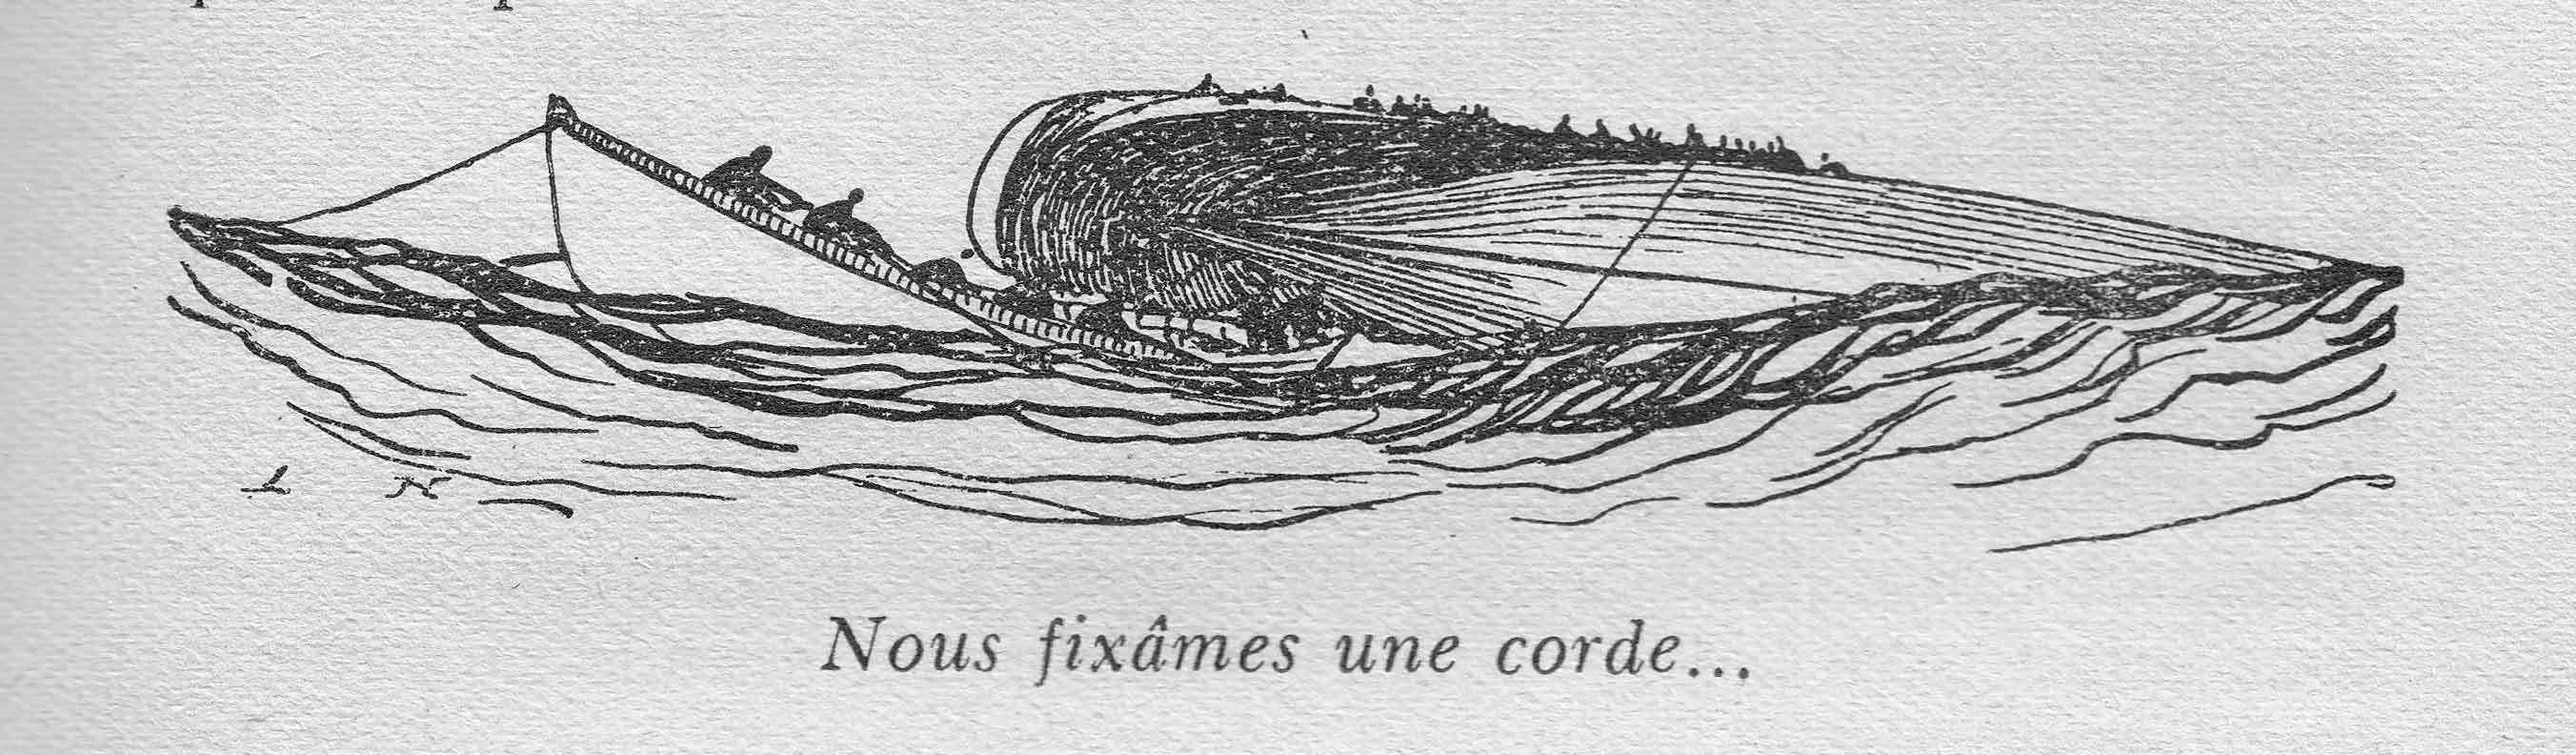 """""""CE SONT VOILIERS QUE VENT EMPORTE""""-Loire & Dalgonar, 1/350 scratch - Page 2 IG1cNi"""